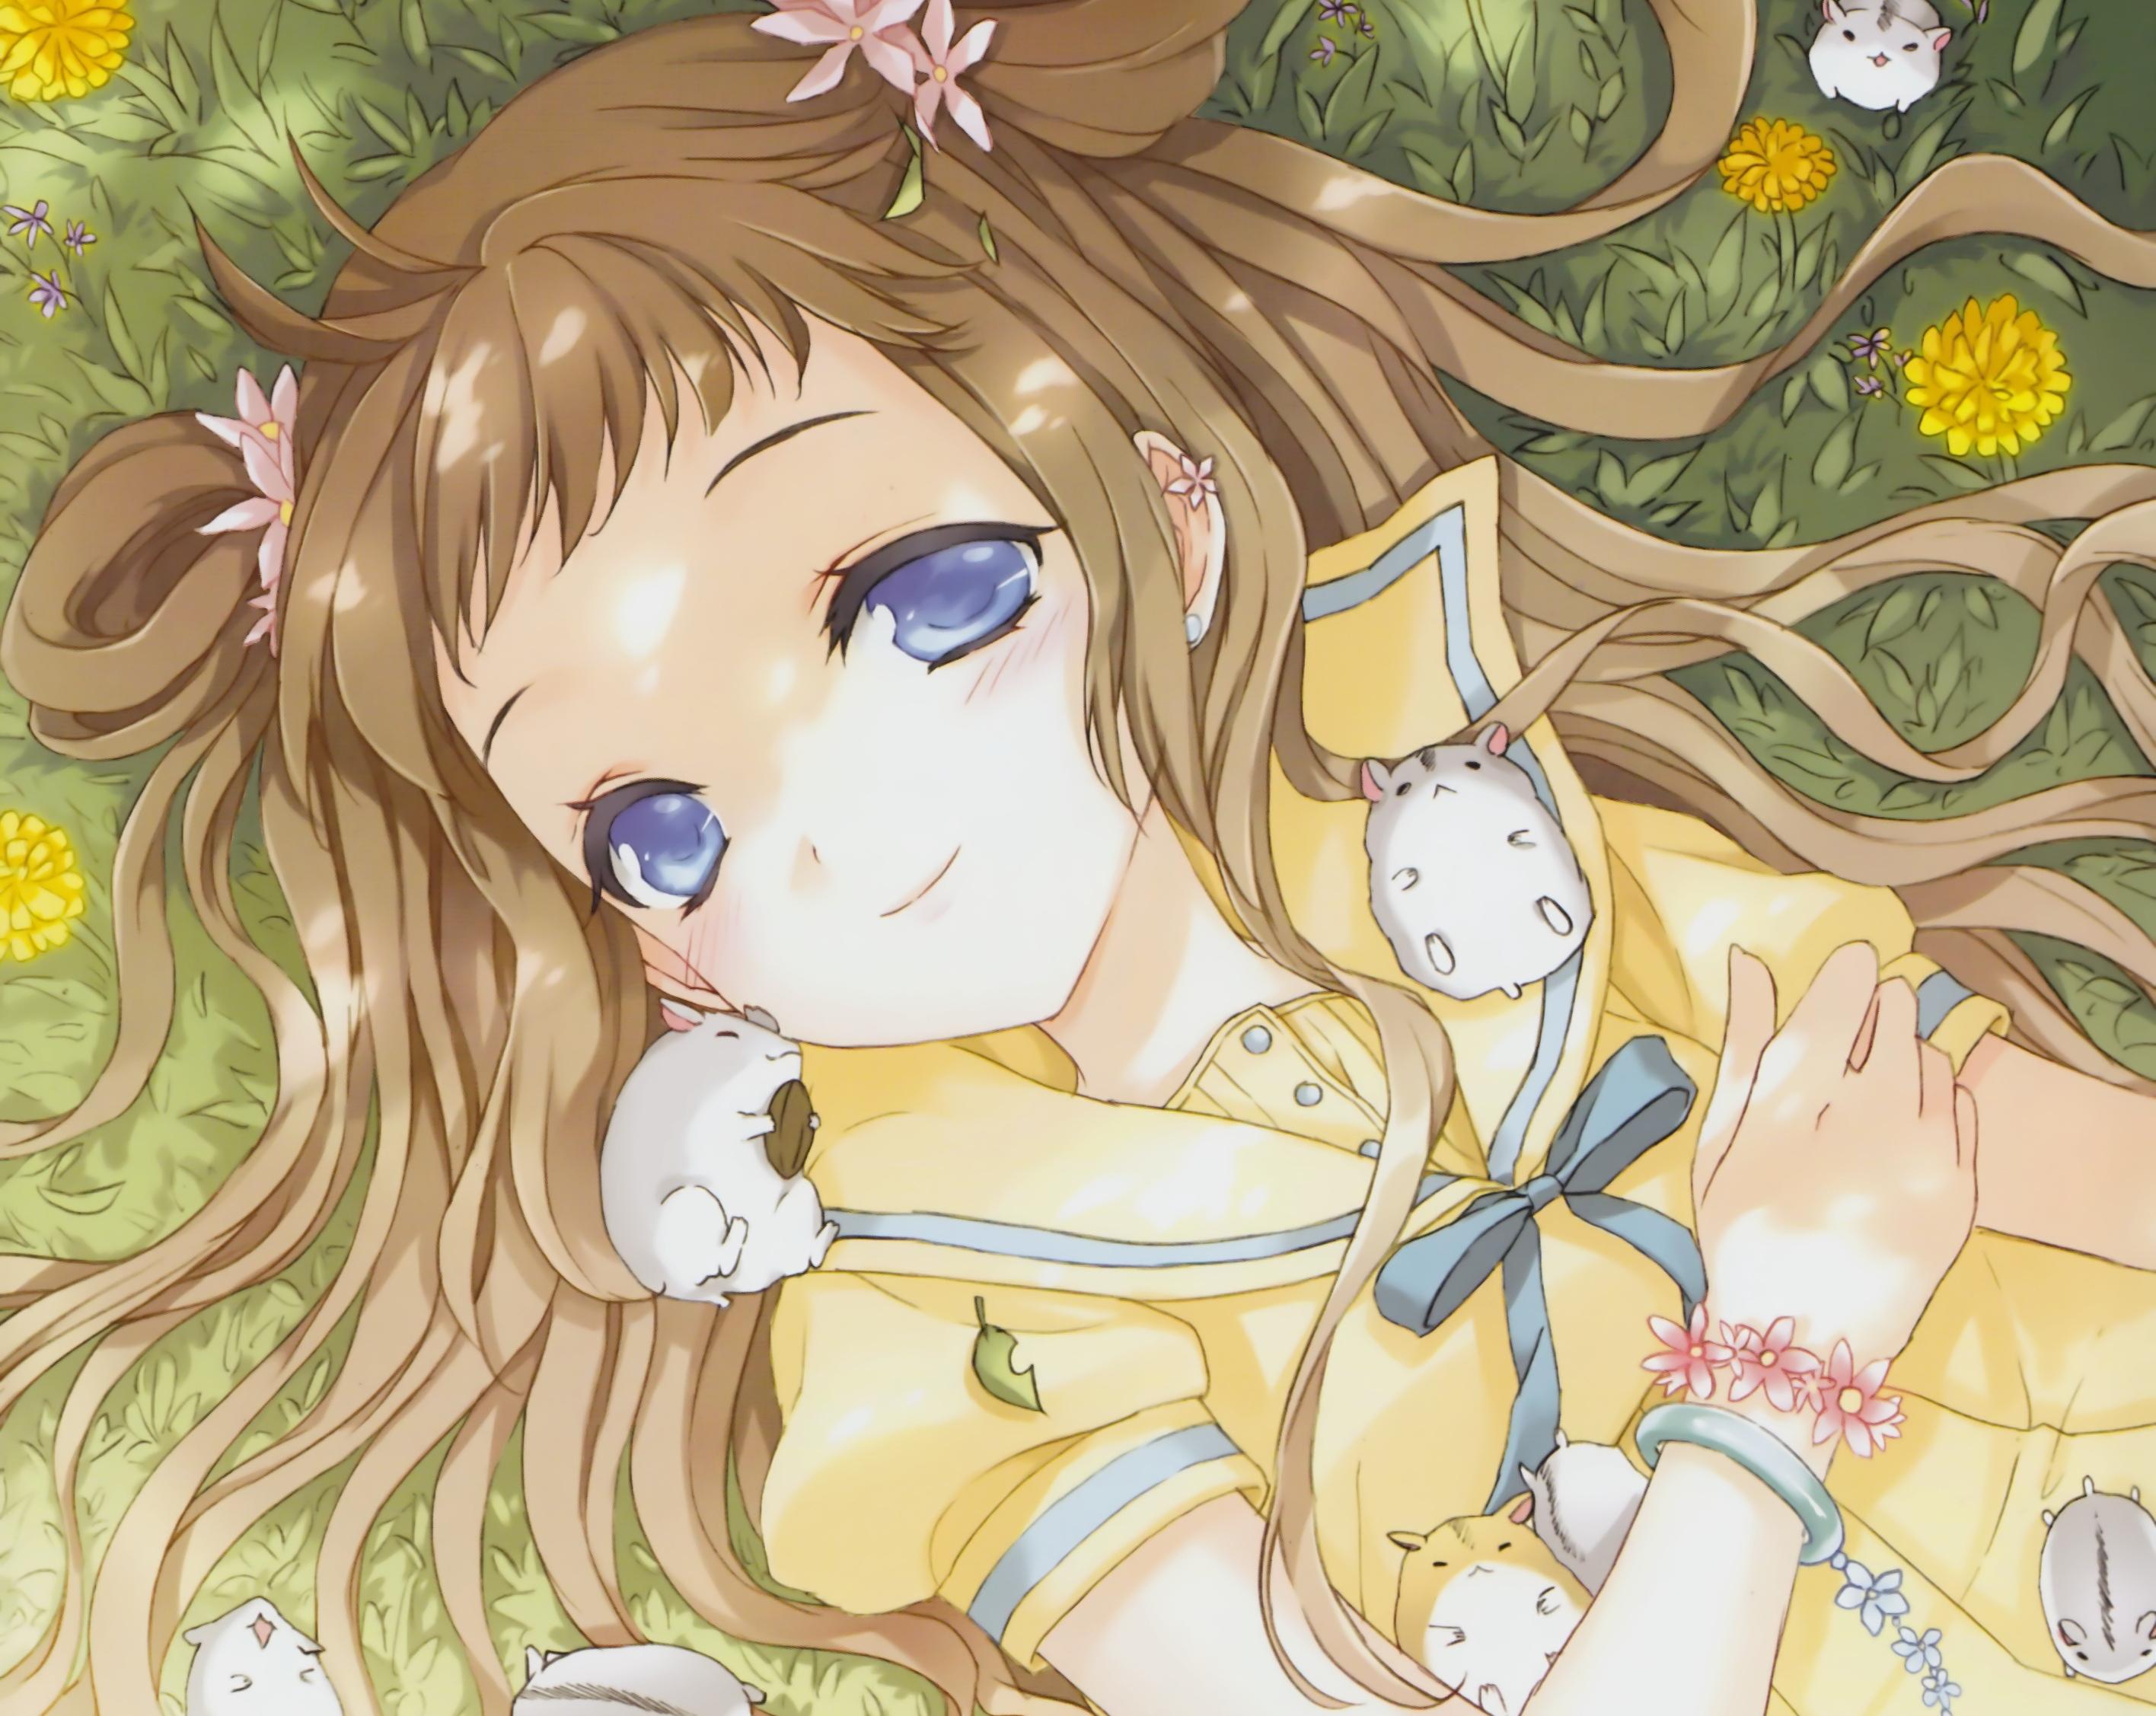 Himouto Umaru Chan Girl Wallpaper Hd Anime 4k Wallpapers